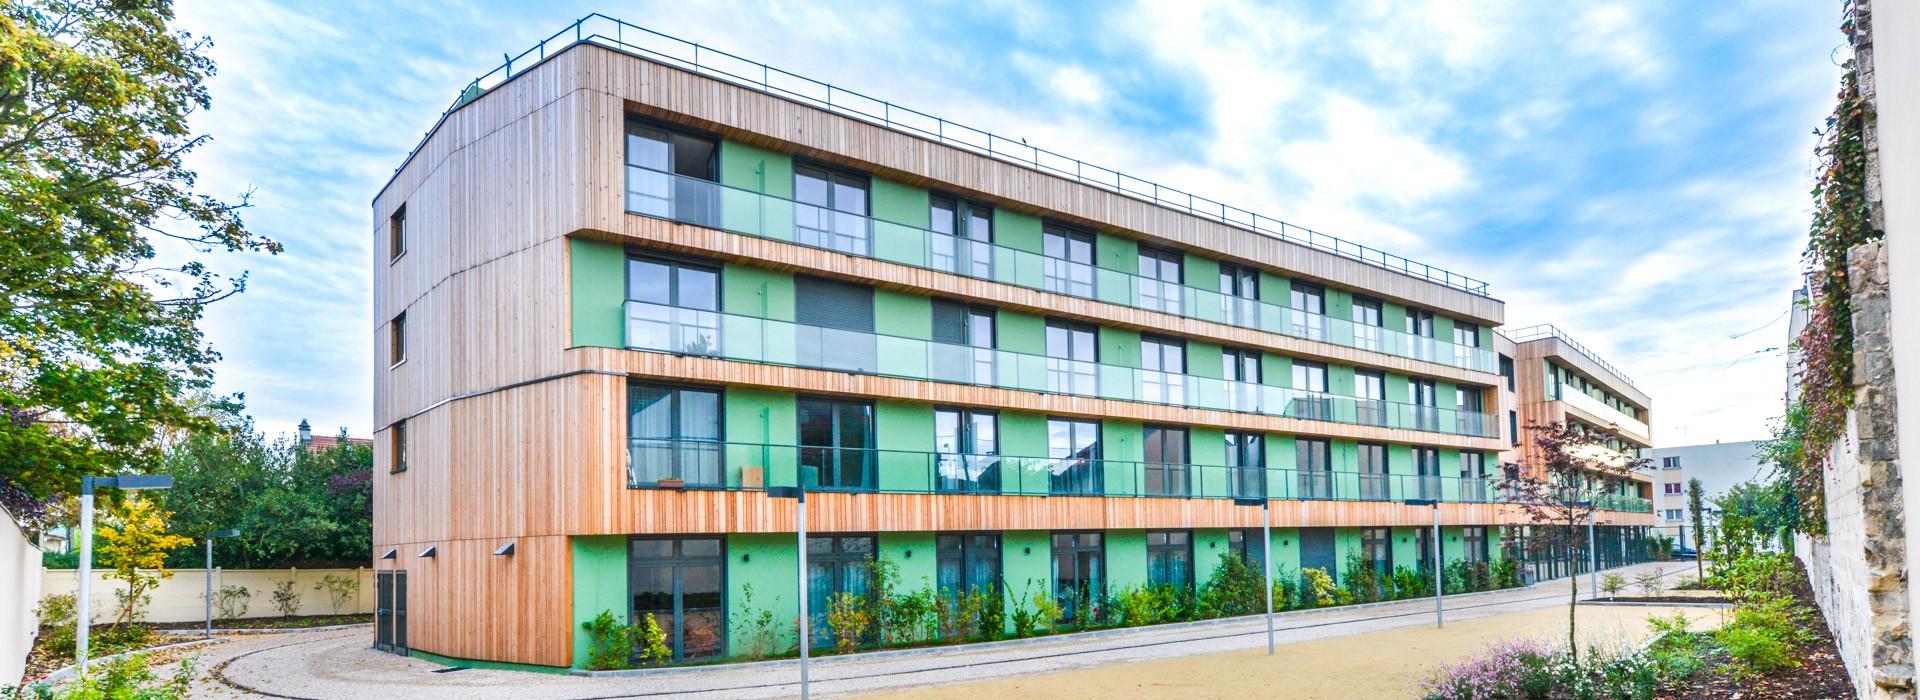 82 logements <br/>Résidence Services Séniors<br/>«Le Clos Montebello» à Maisons Laffitte